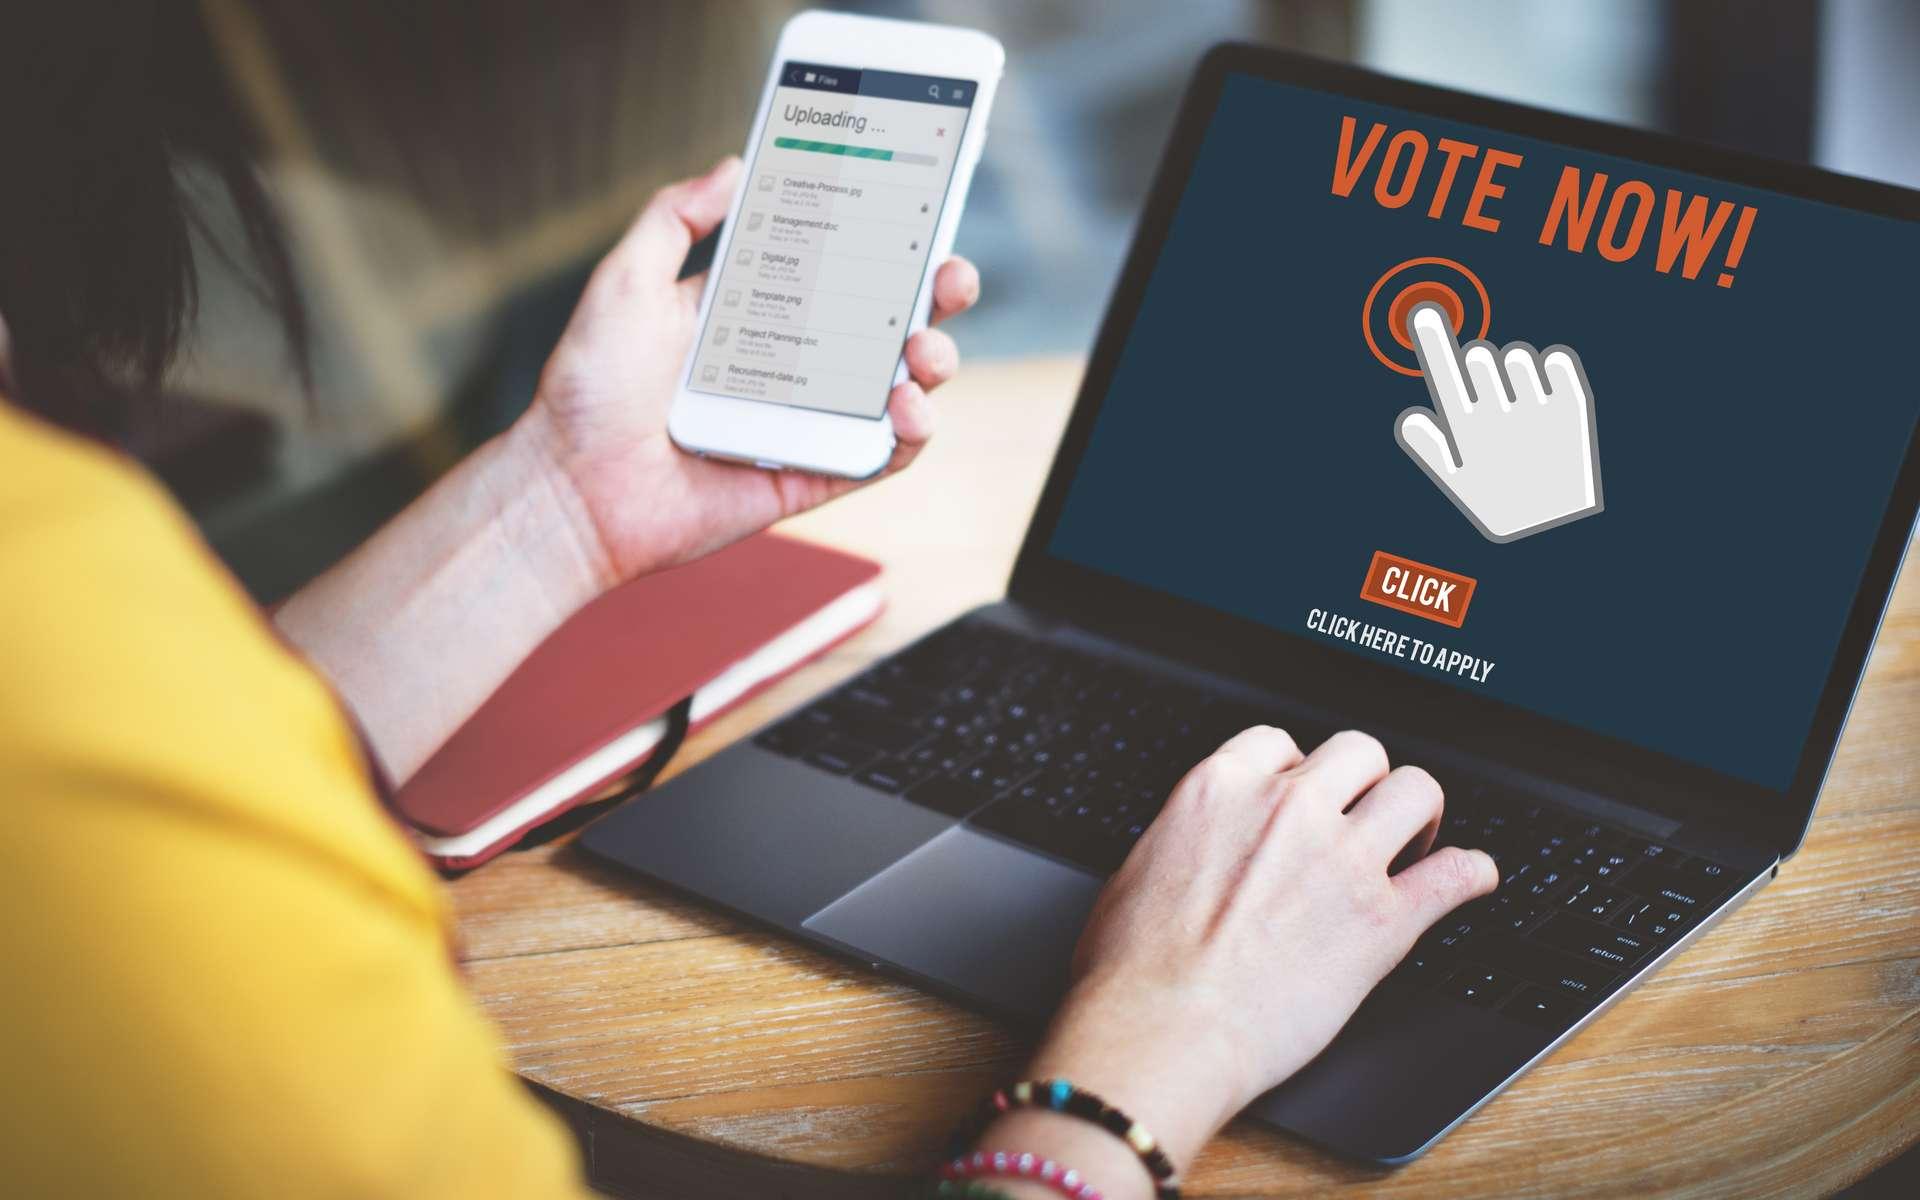 Le vote électronique est un confort pour les électeurs, qui n'ont plus besoin de se déplacer, mais nombreux doutent de la fiabilité du système. © Rawpixel.com, Adobe Stock